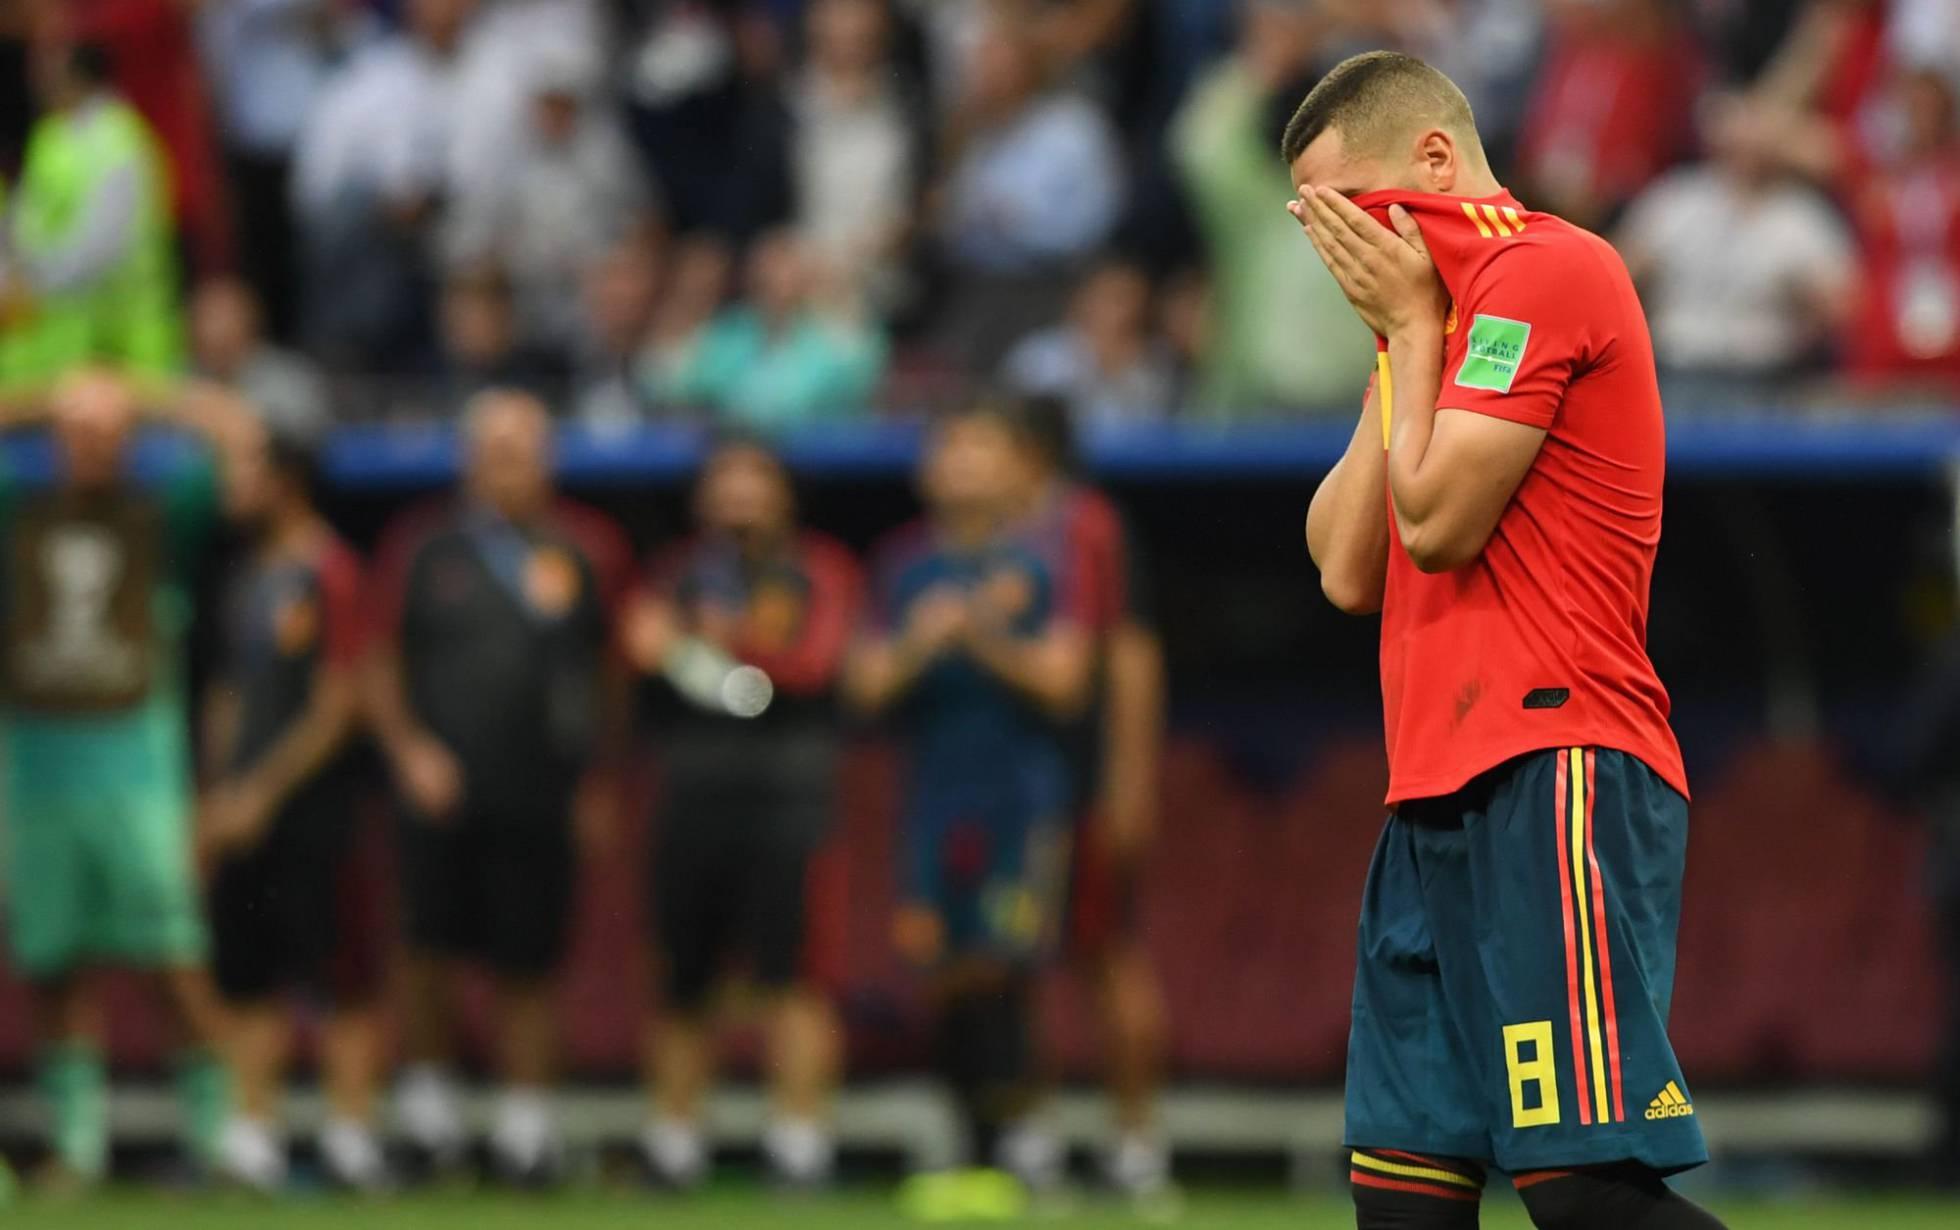 RUSIA ELIMINA A ESPAÑA Y CROACIA A DINAMARCA.Mundial de Futbol Rusia 2018